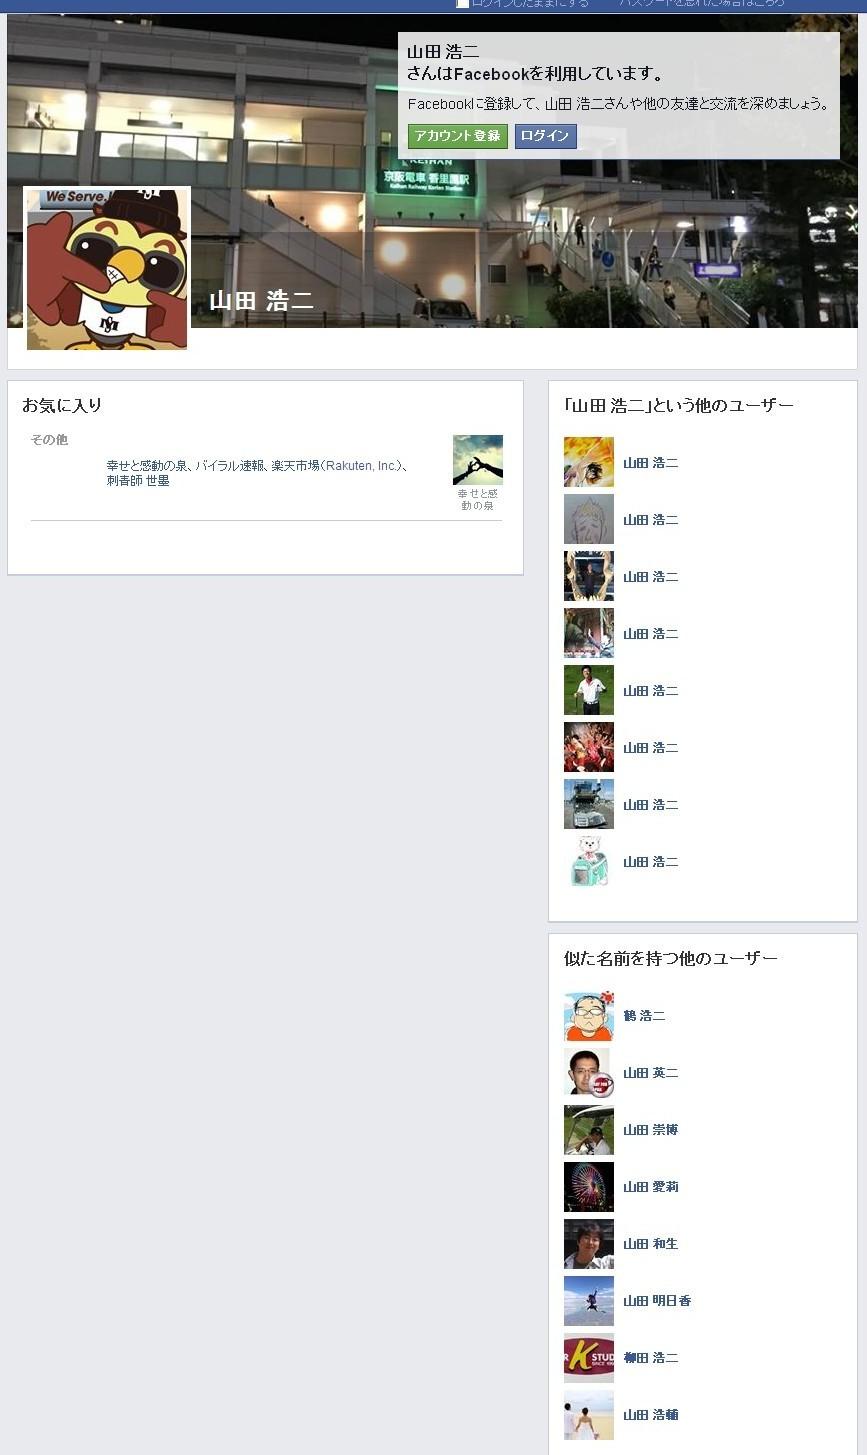 ⑦山田浩二 Facebook②